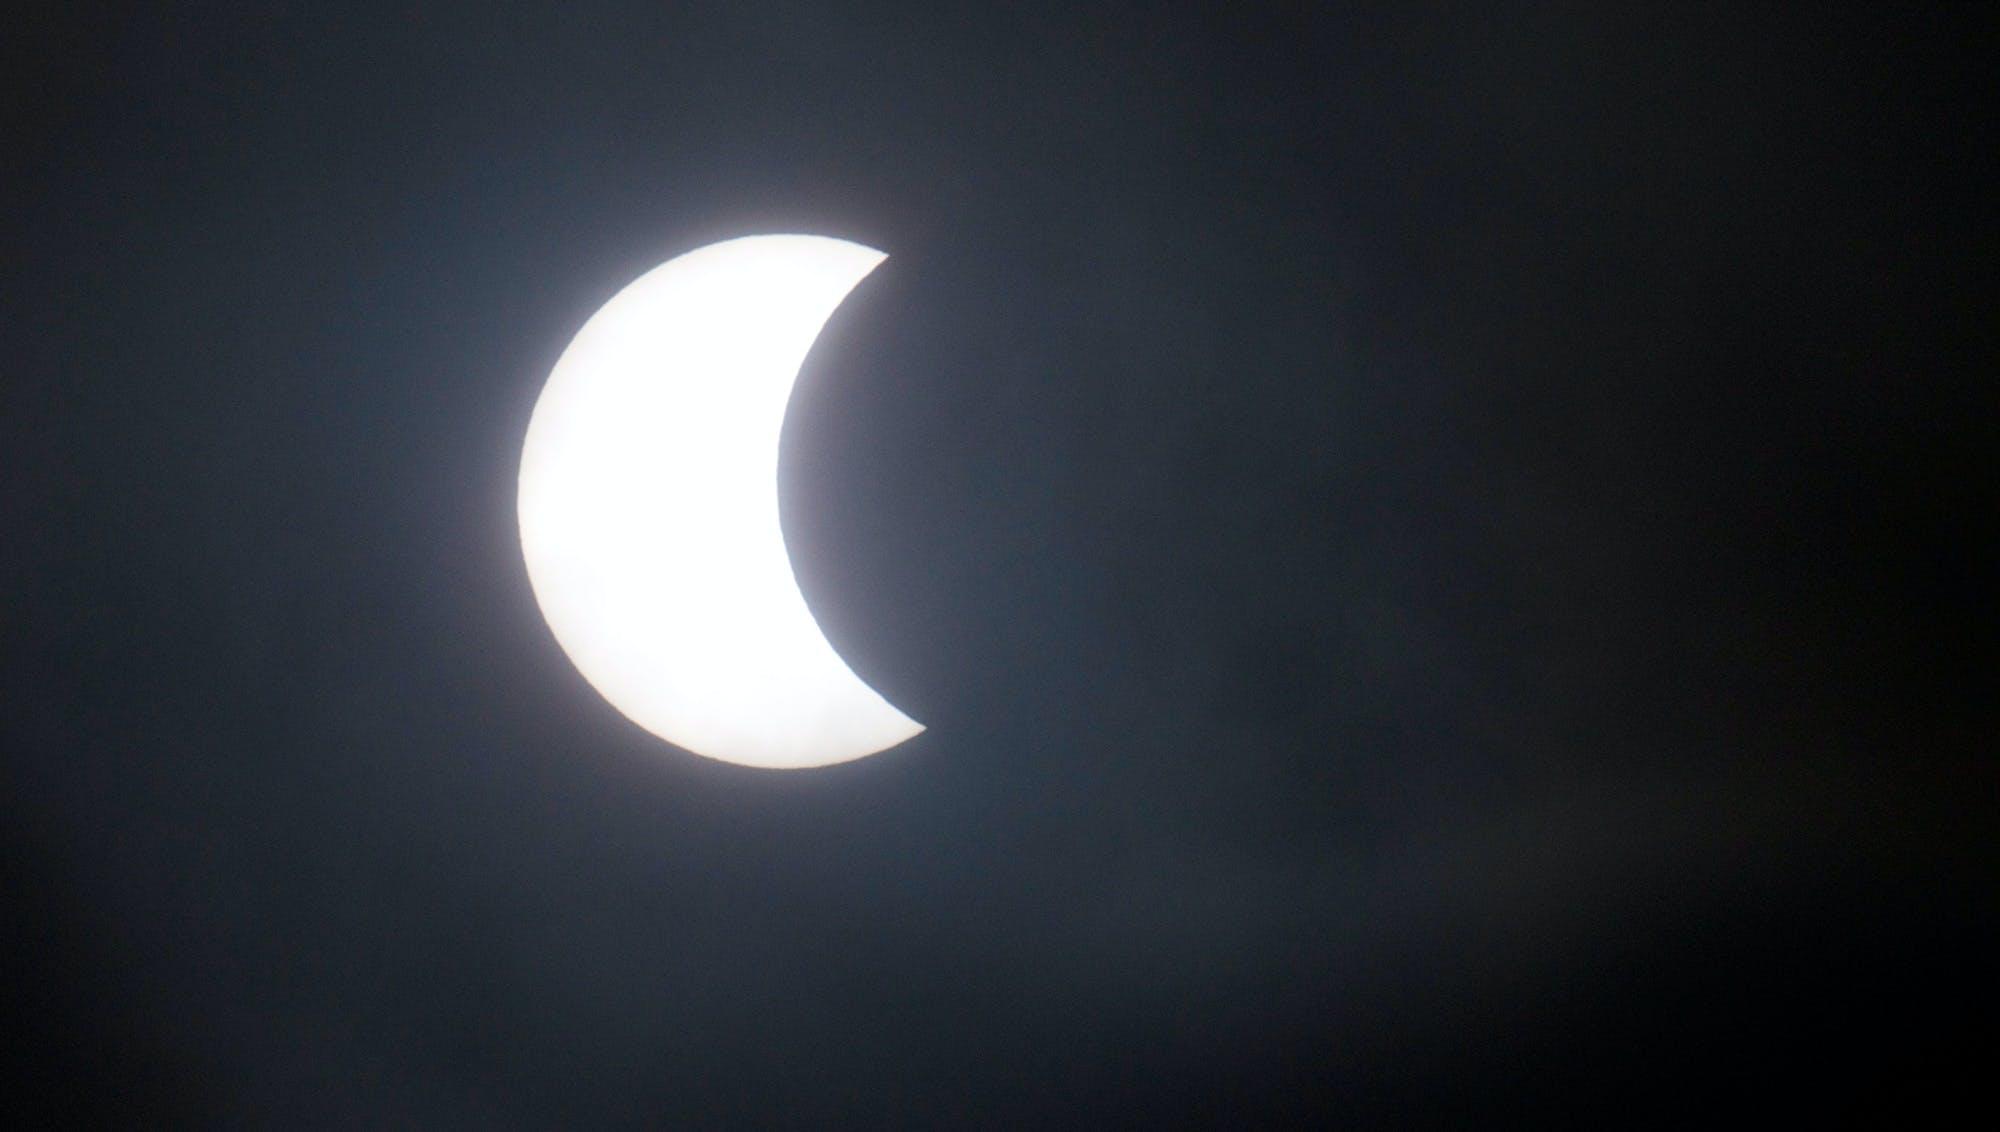 Eclipse på færøerne - 9.10